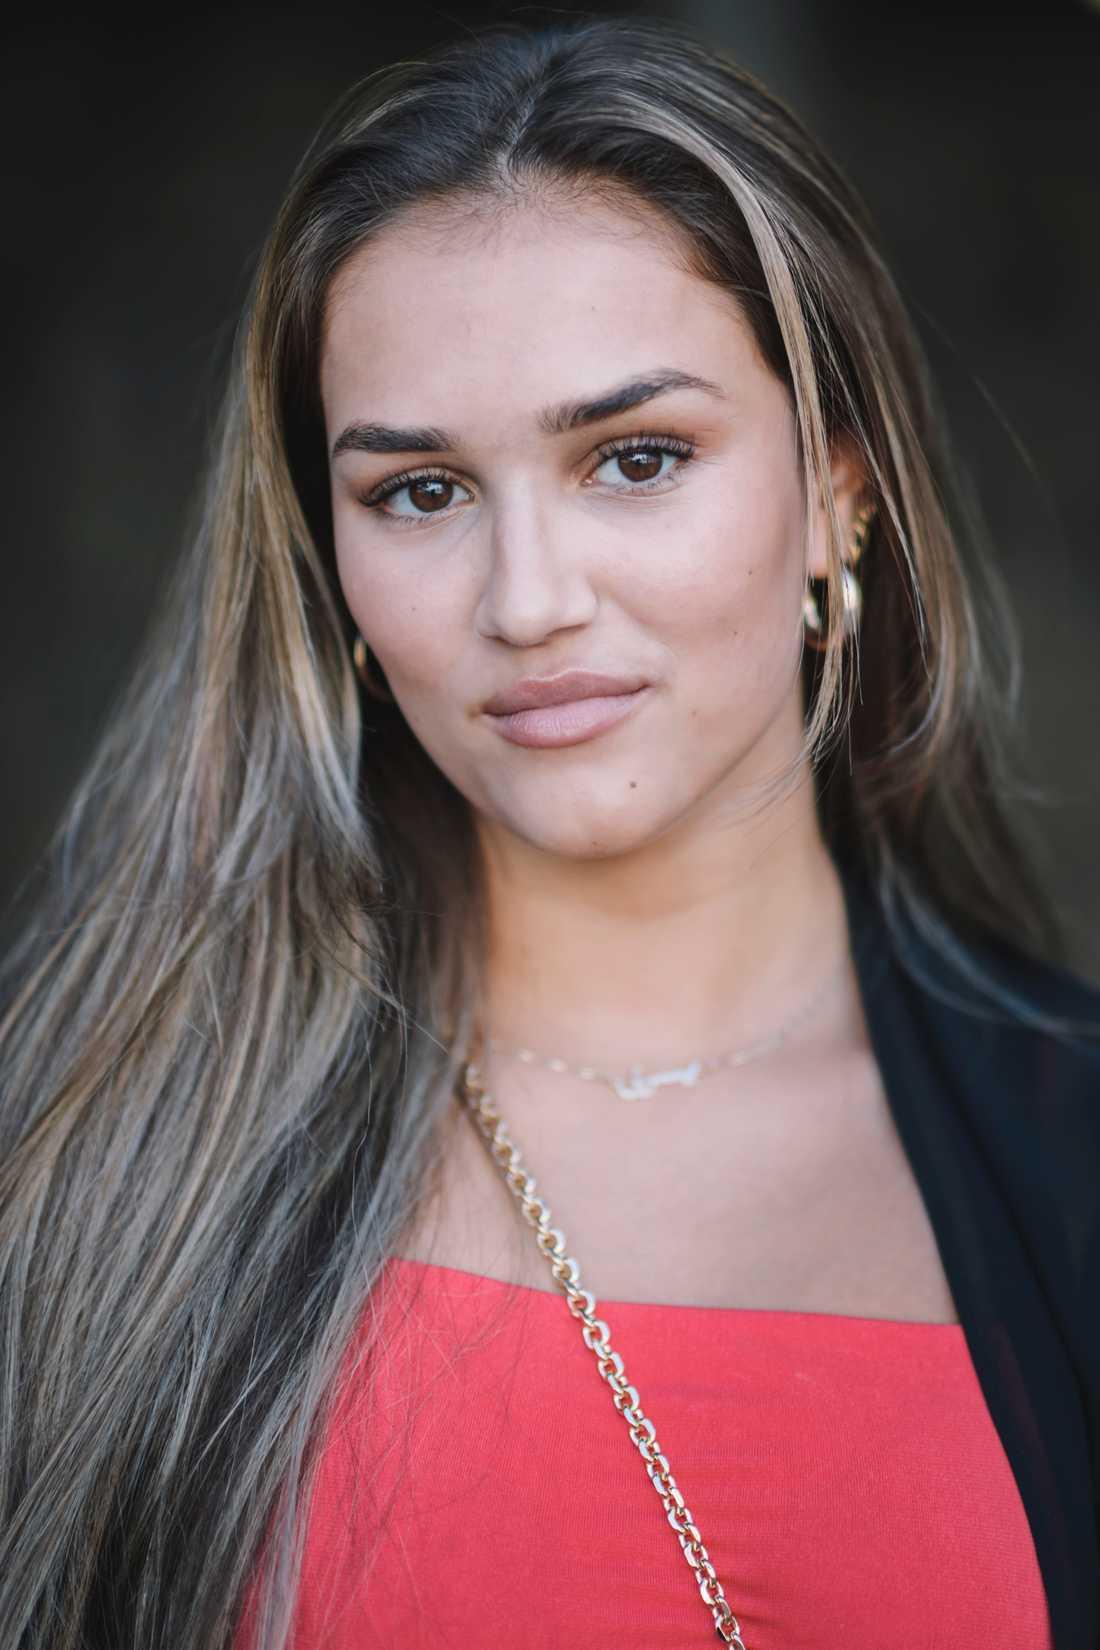 Yussra El Abdouni spelar Leila, Berts kärleksintresse i filmen.